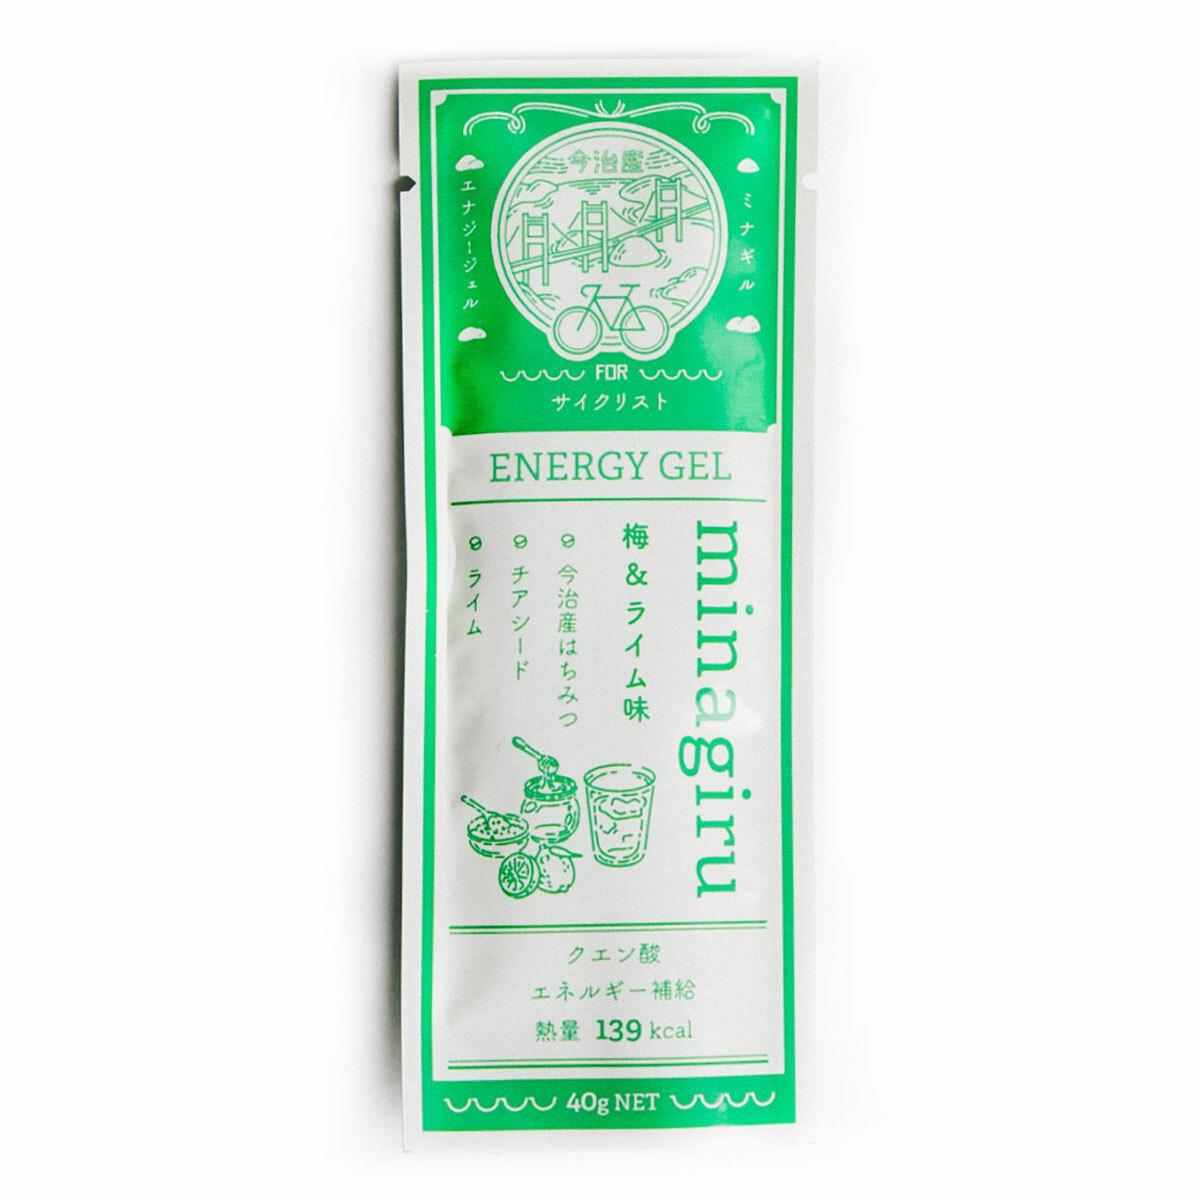 エナジージェル / 梅&ライム味(単品)